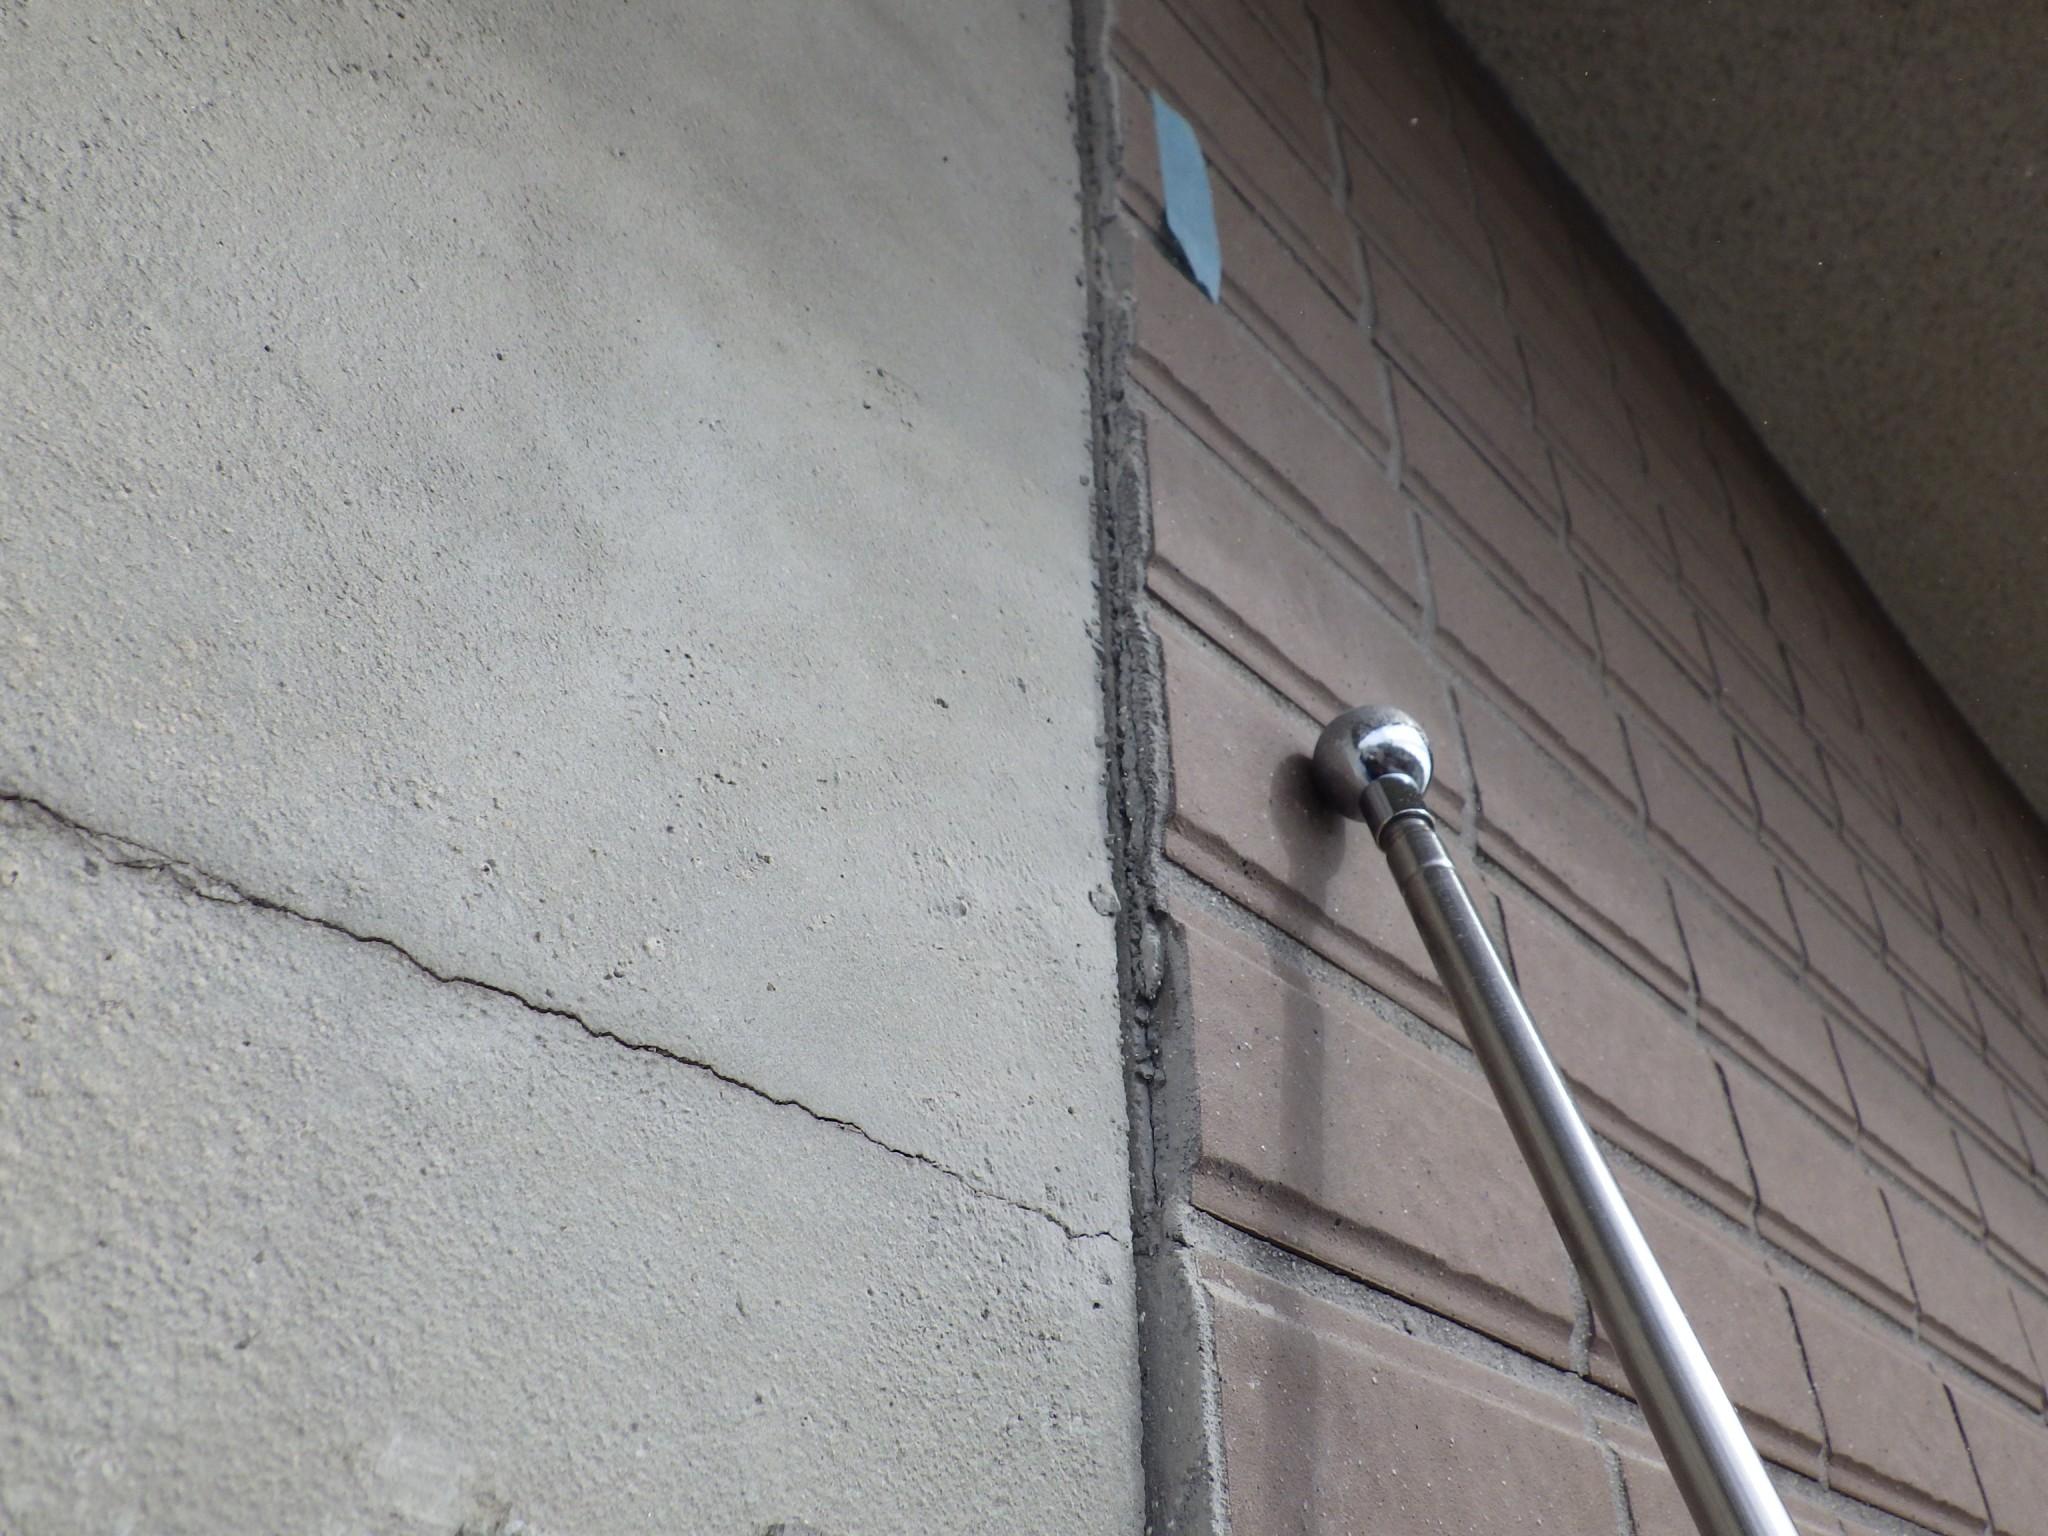 外壁タイル剥離、その補修費用払わなくていいかも